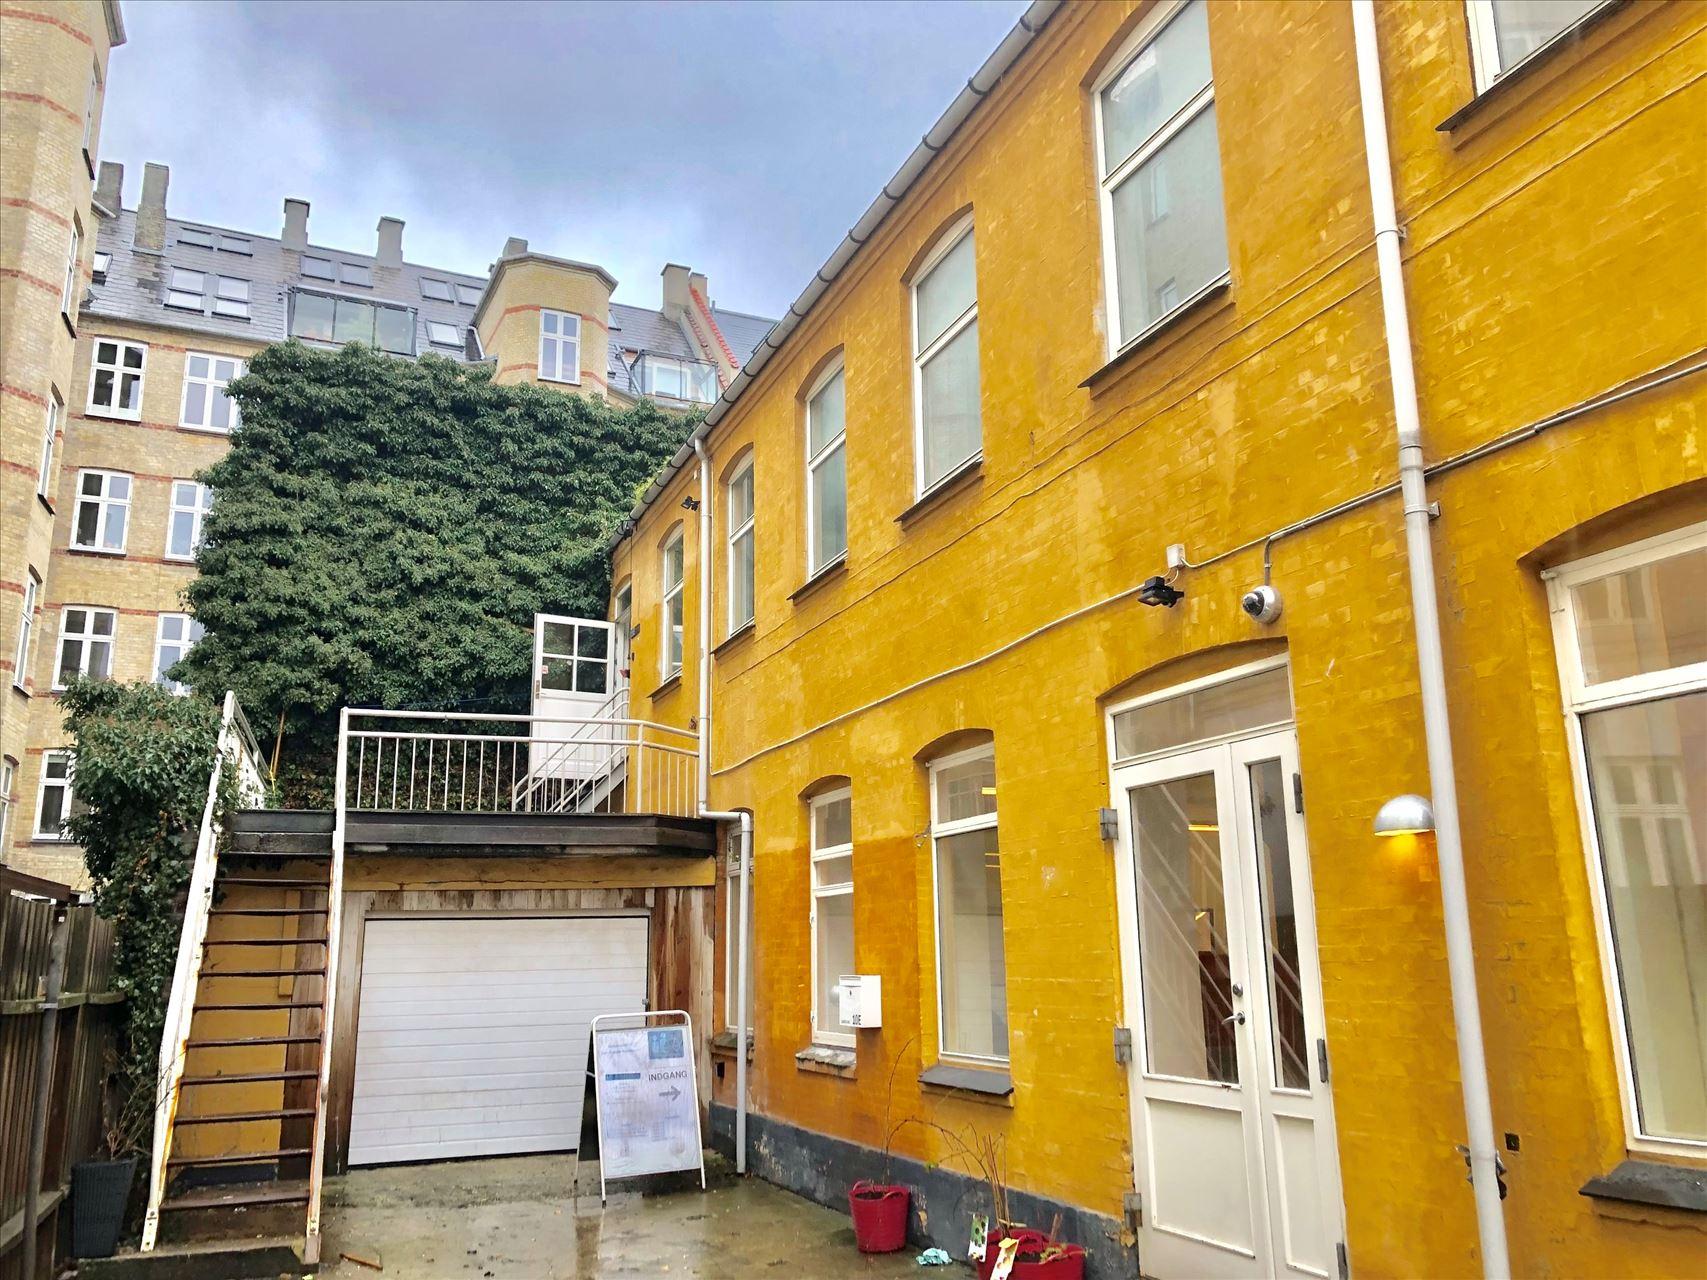 318 m² kontor midt på Nørrebro